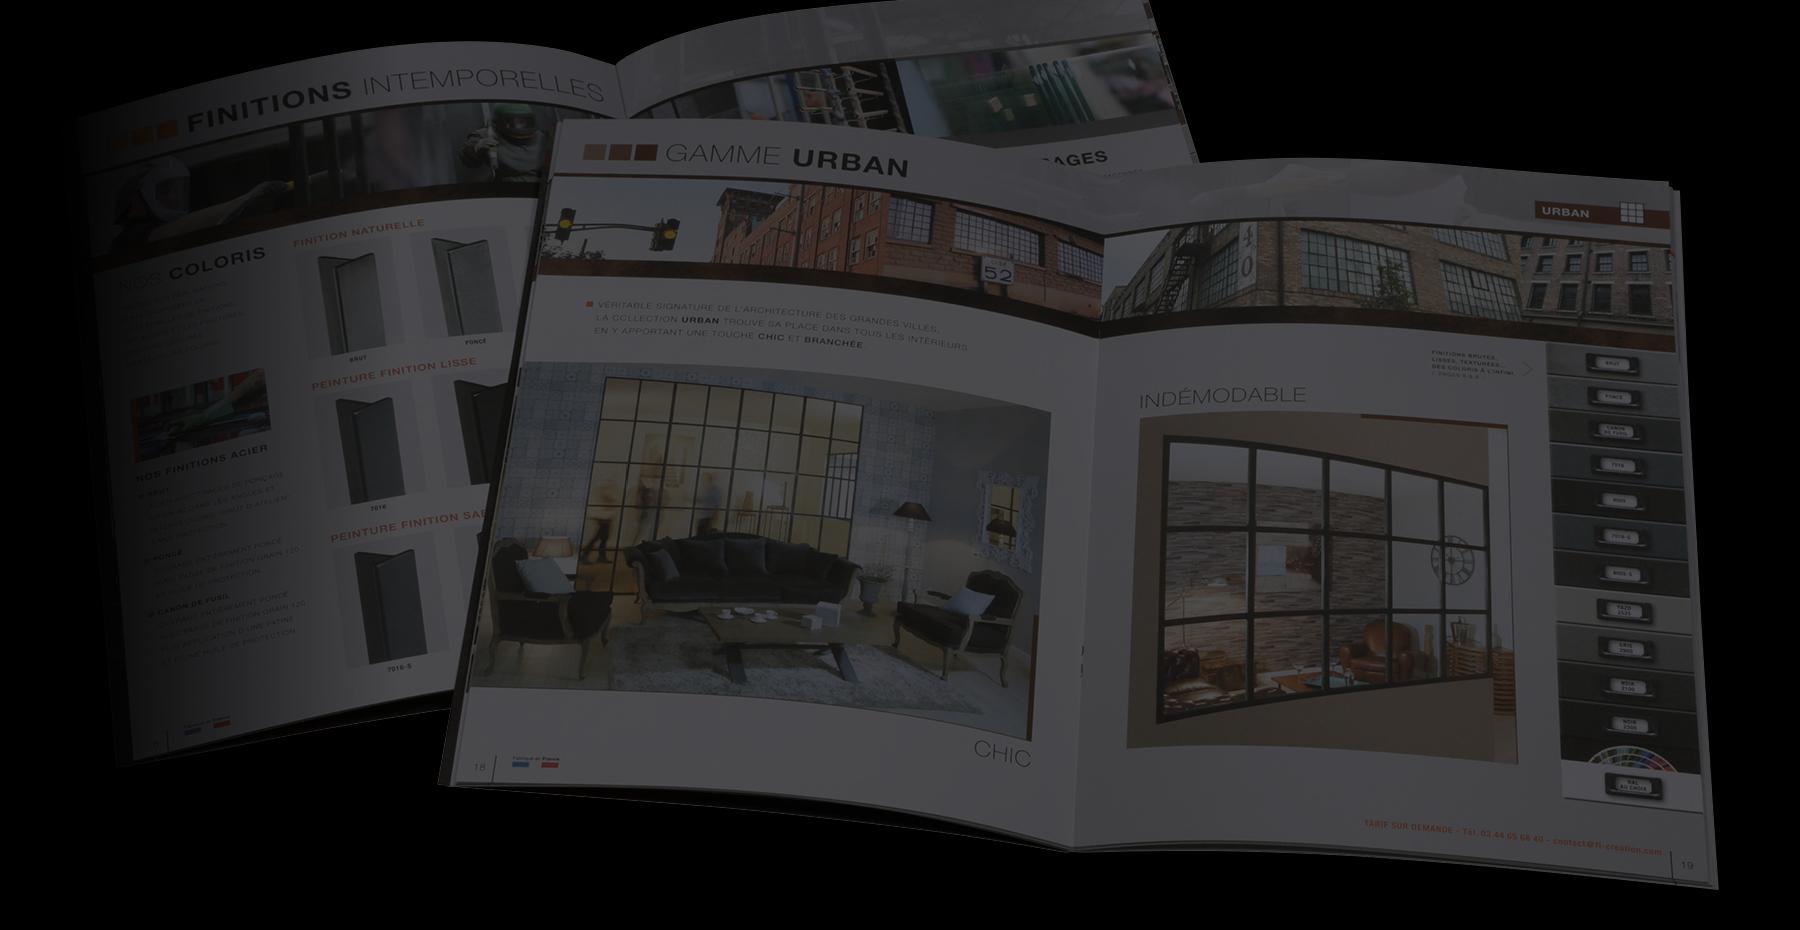 fl creation oise fl creation. Black Bedroom Furniture Sets. Home Design Ideas